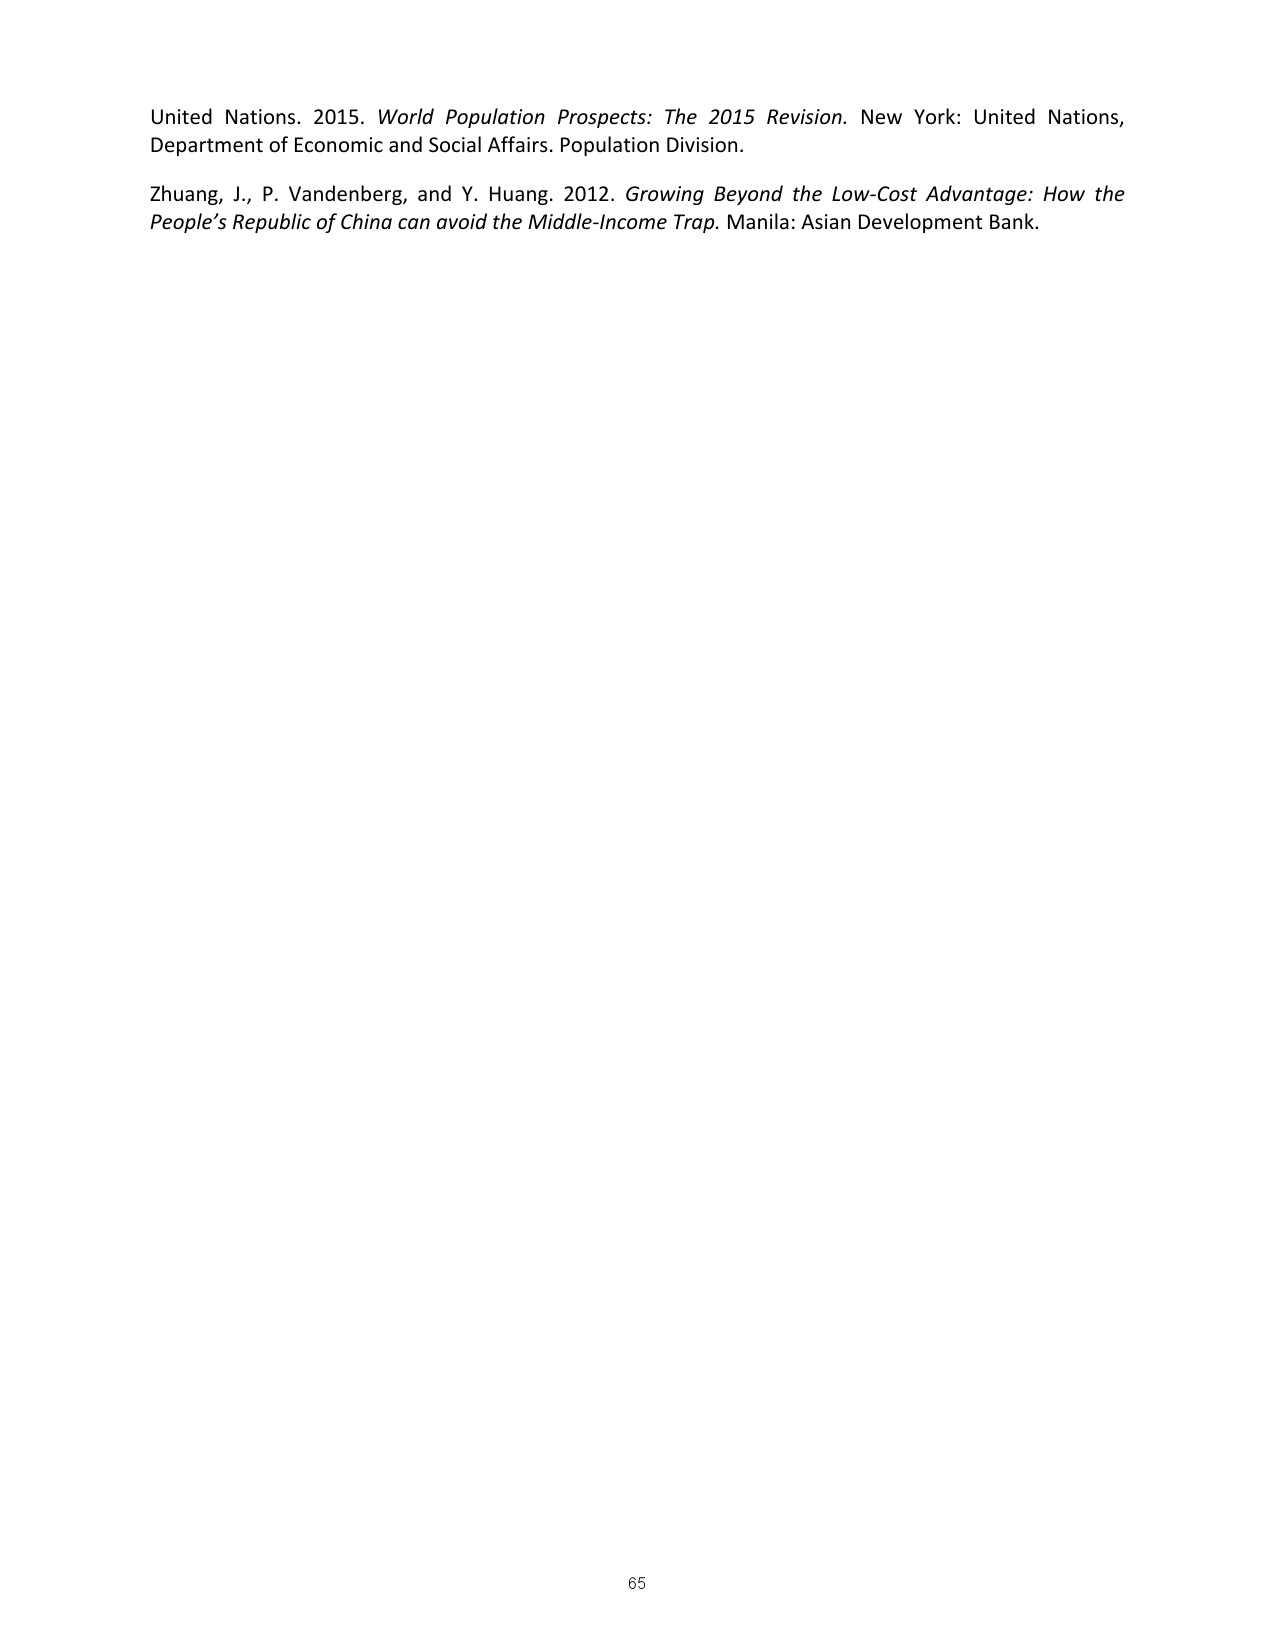 世界银行报告_000067